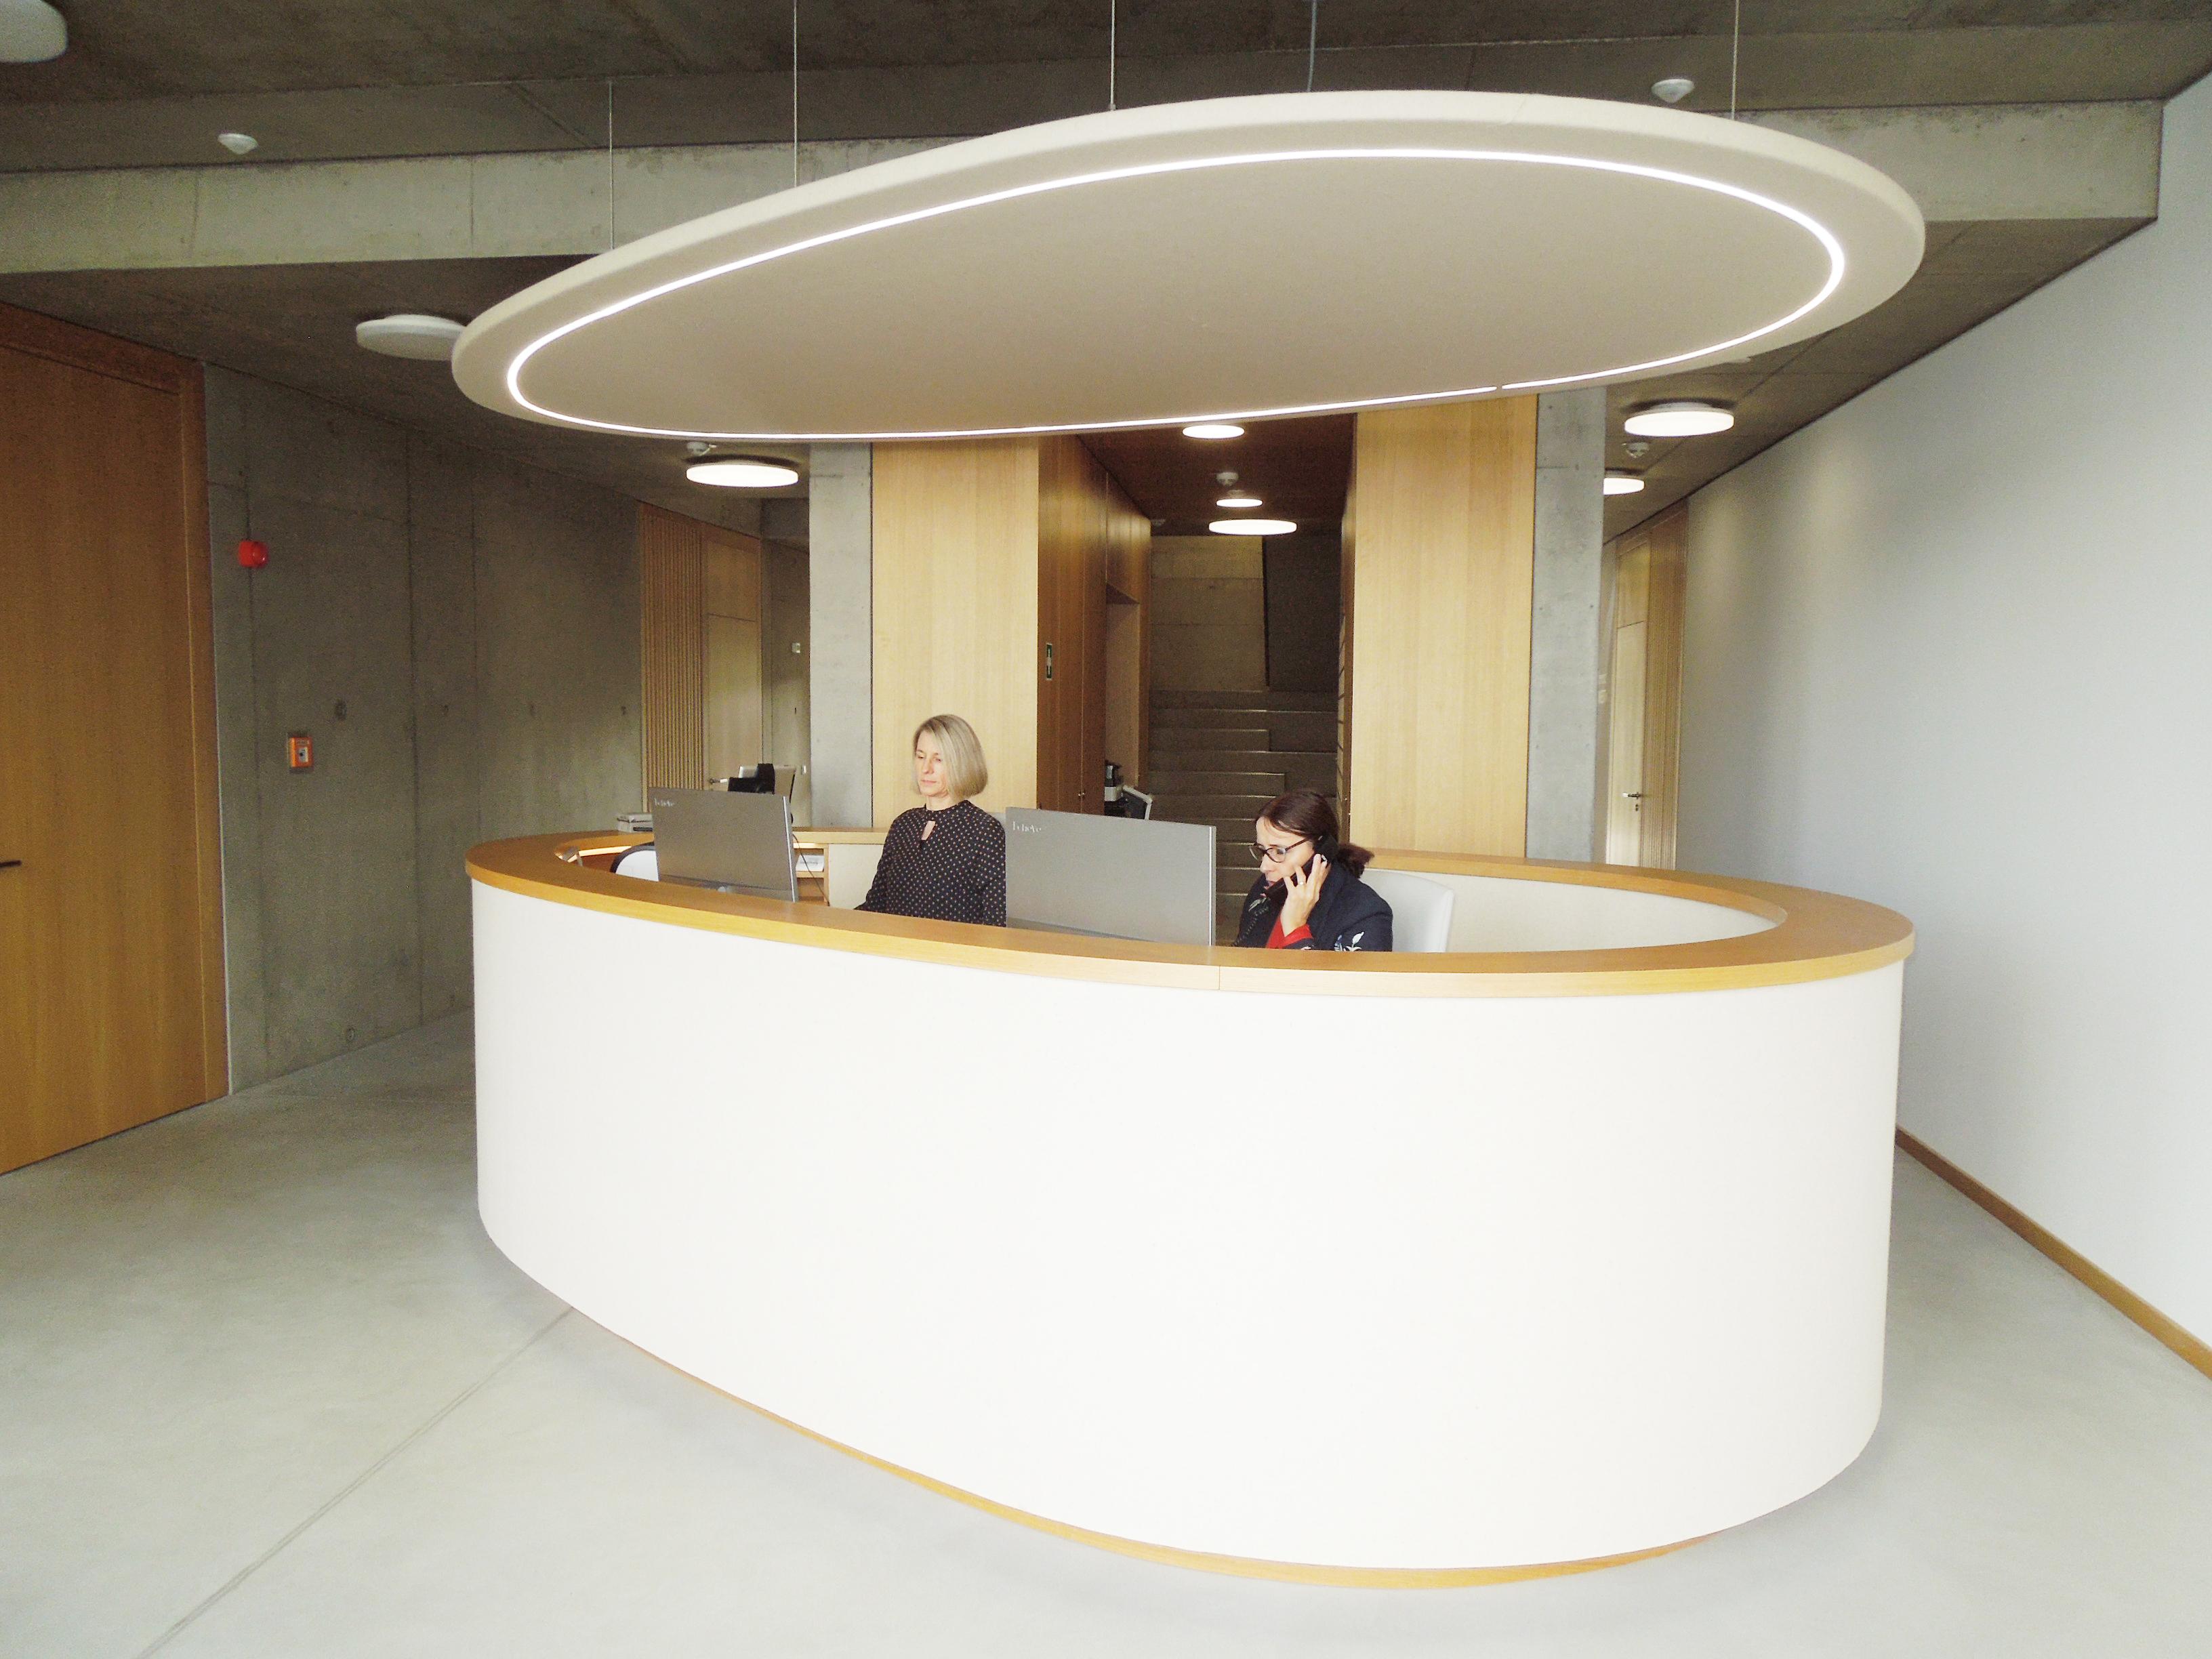 (Photo: Goblet Lavandier & Associés Ingénieurs-Conseils)